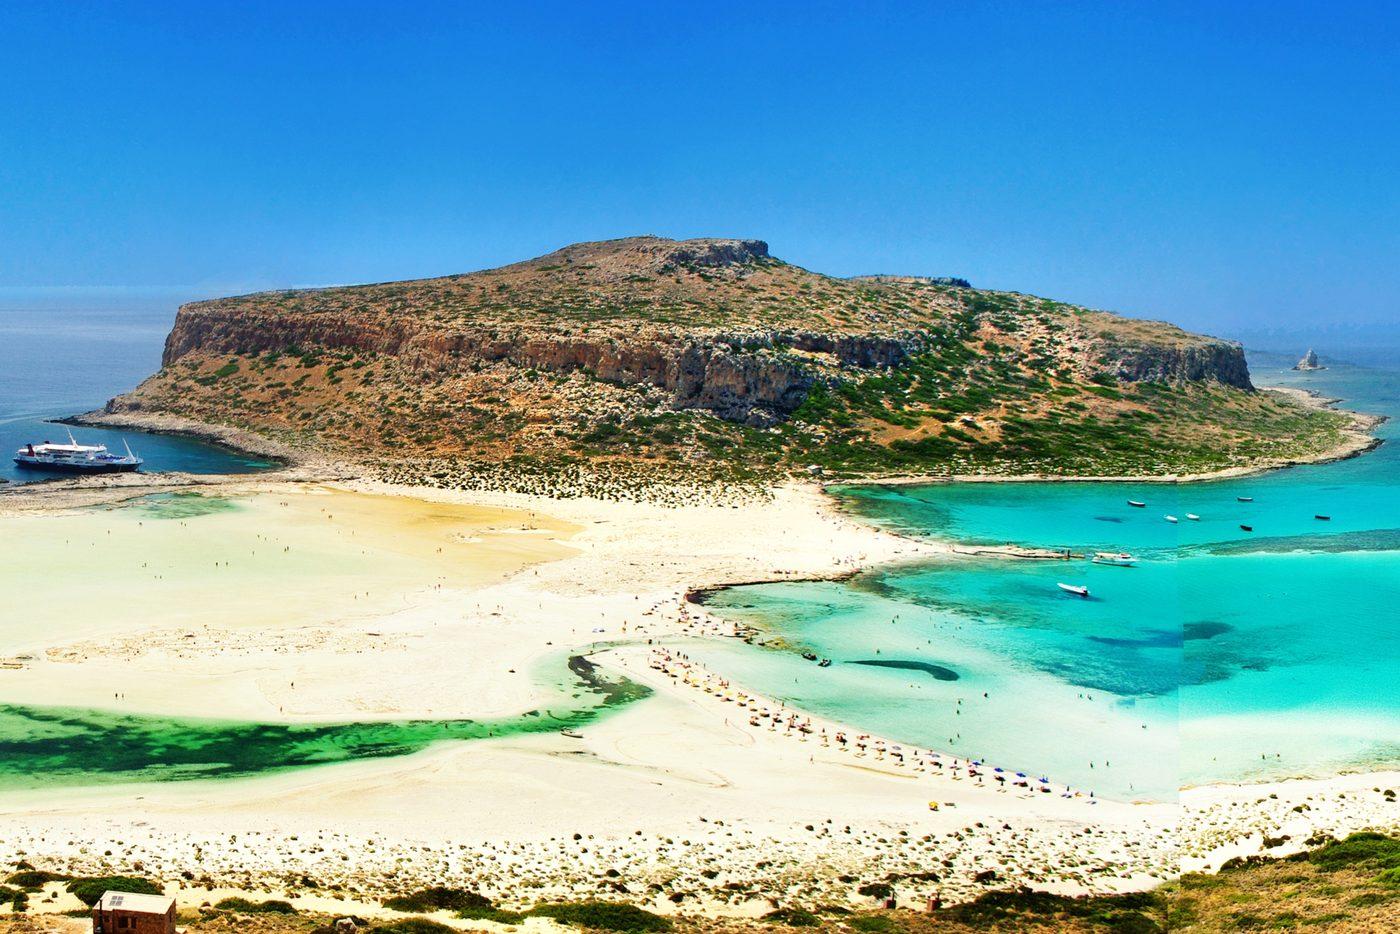 Photo Tour of Crete 2